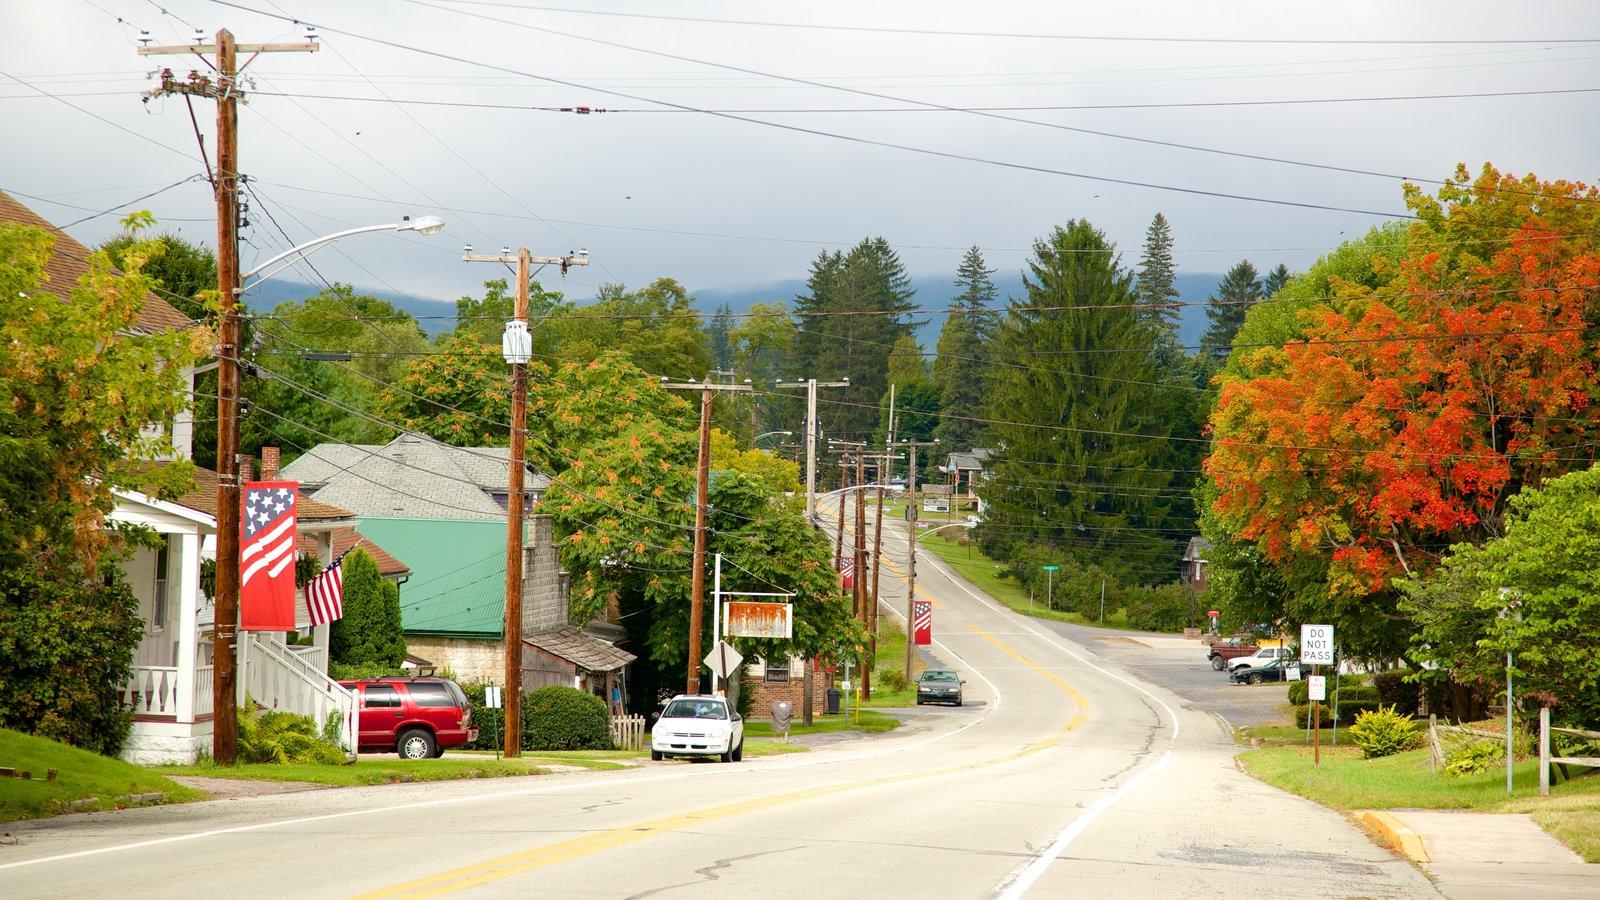 Sudoeste de Pensilvânia caracterizando cores do outono e uma cidade pequena ou vila